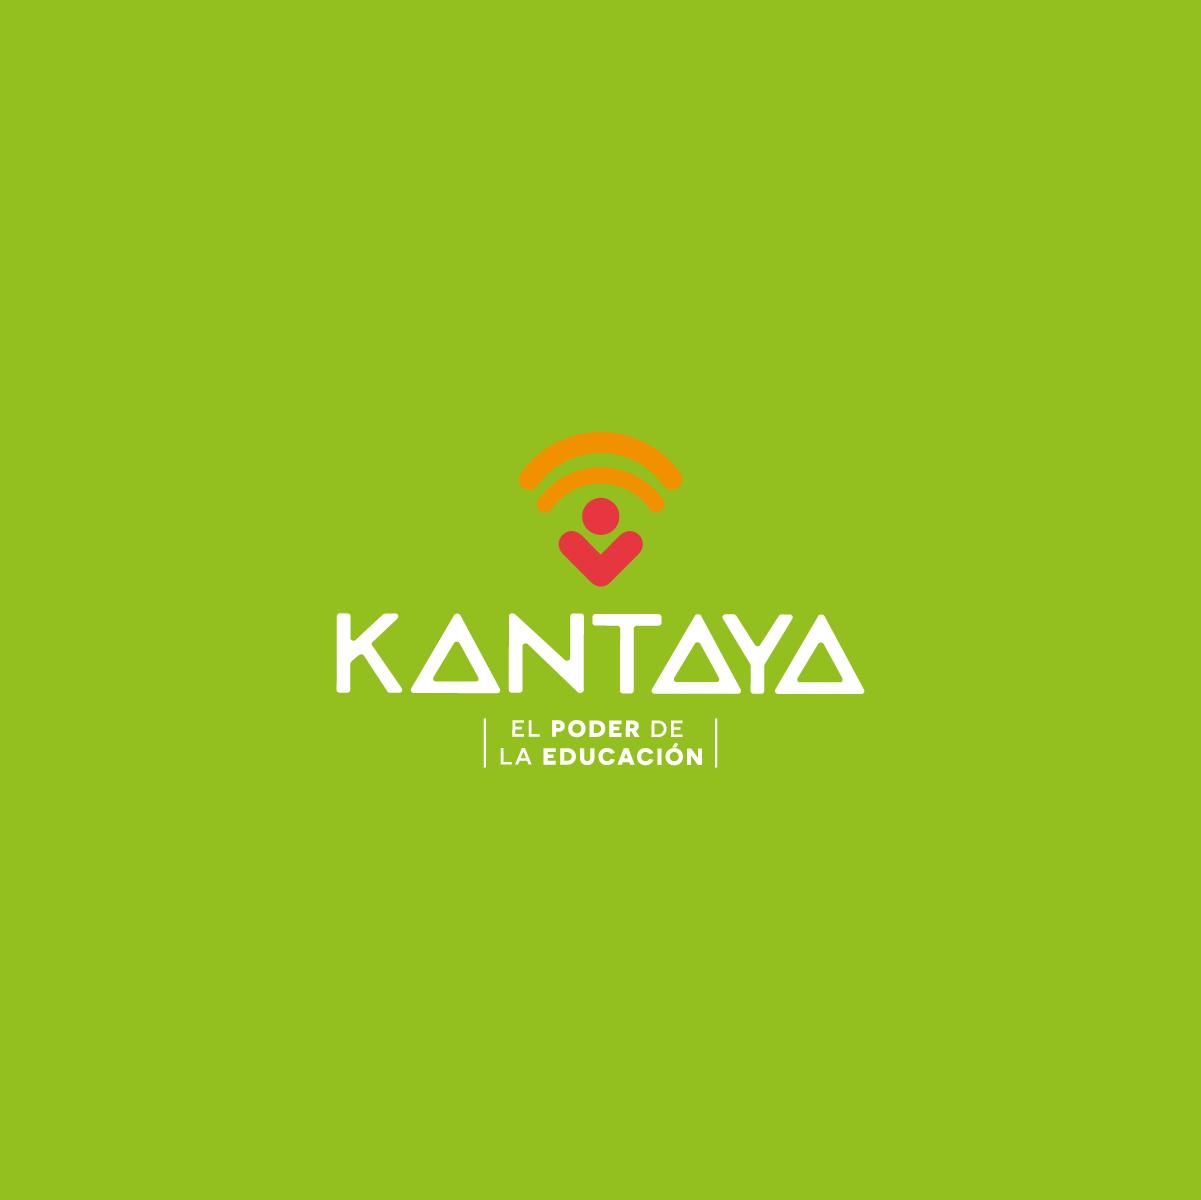 Kantaya_Logos_a_Color_01.png